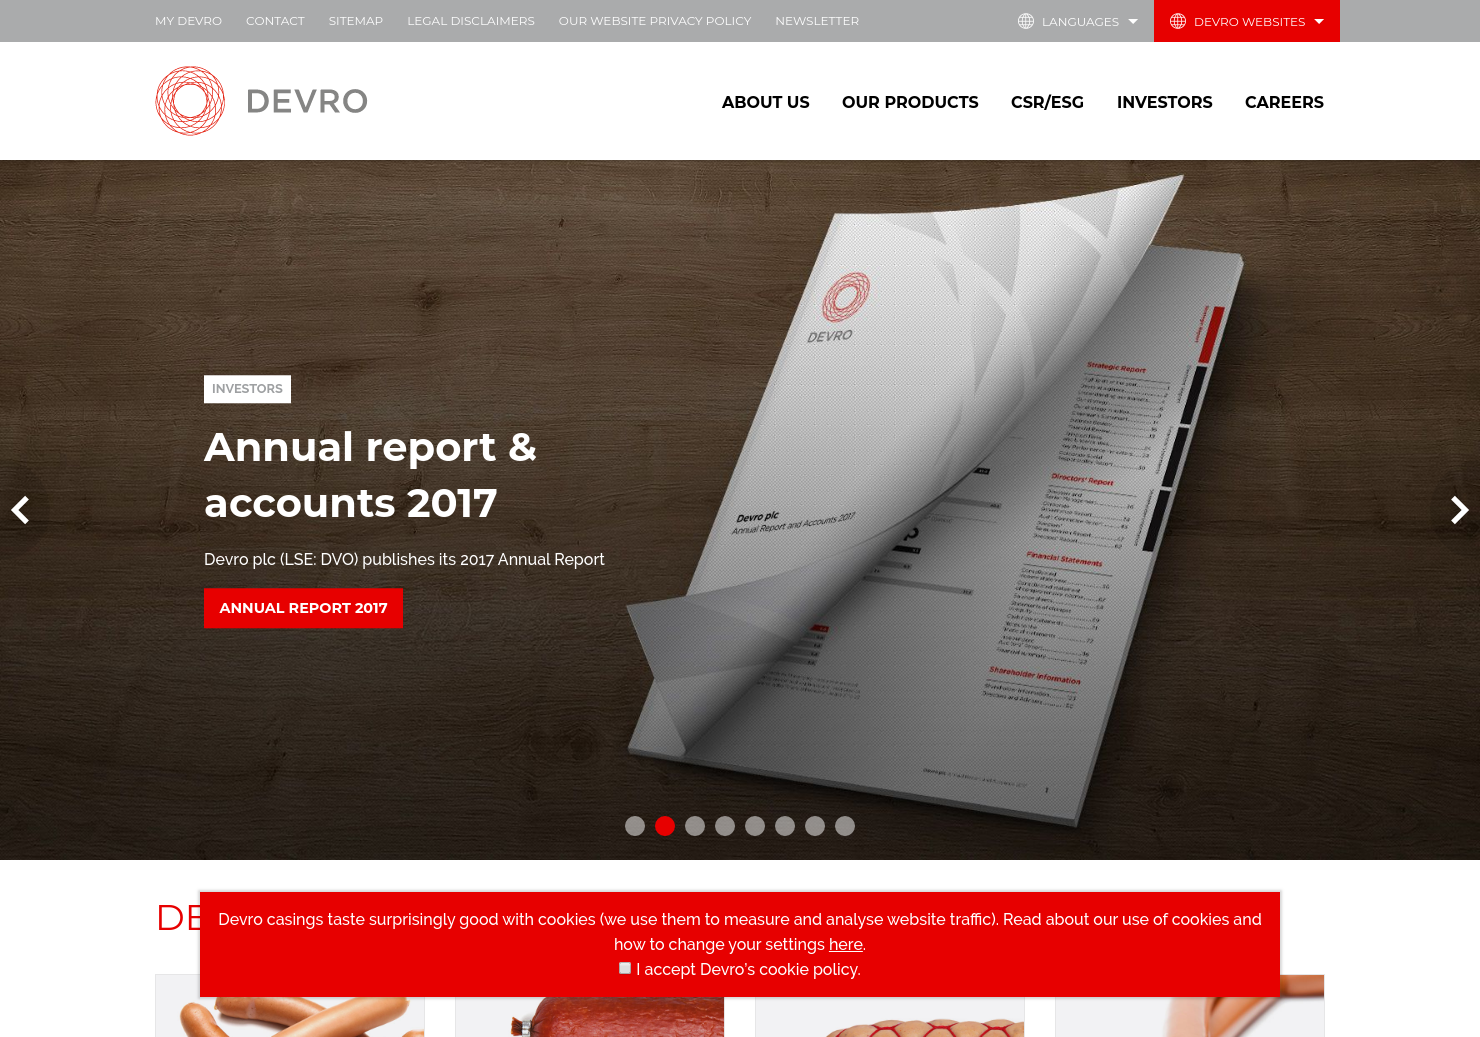 Devro Home Page